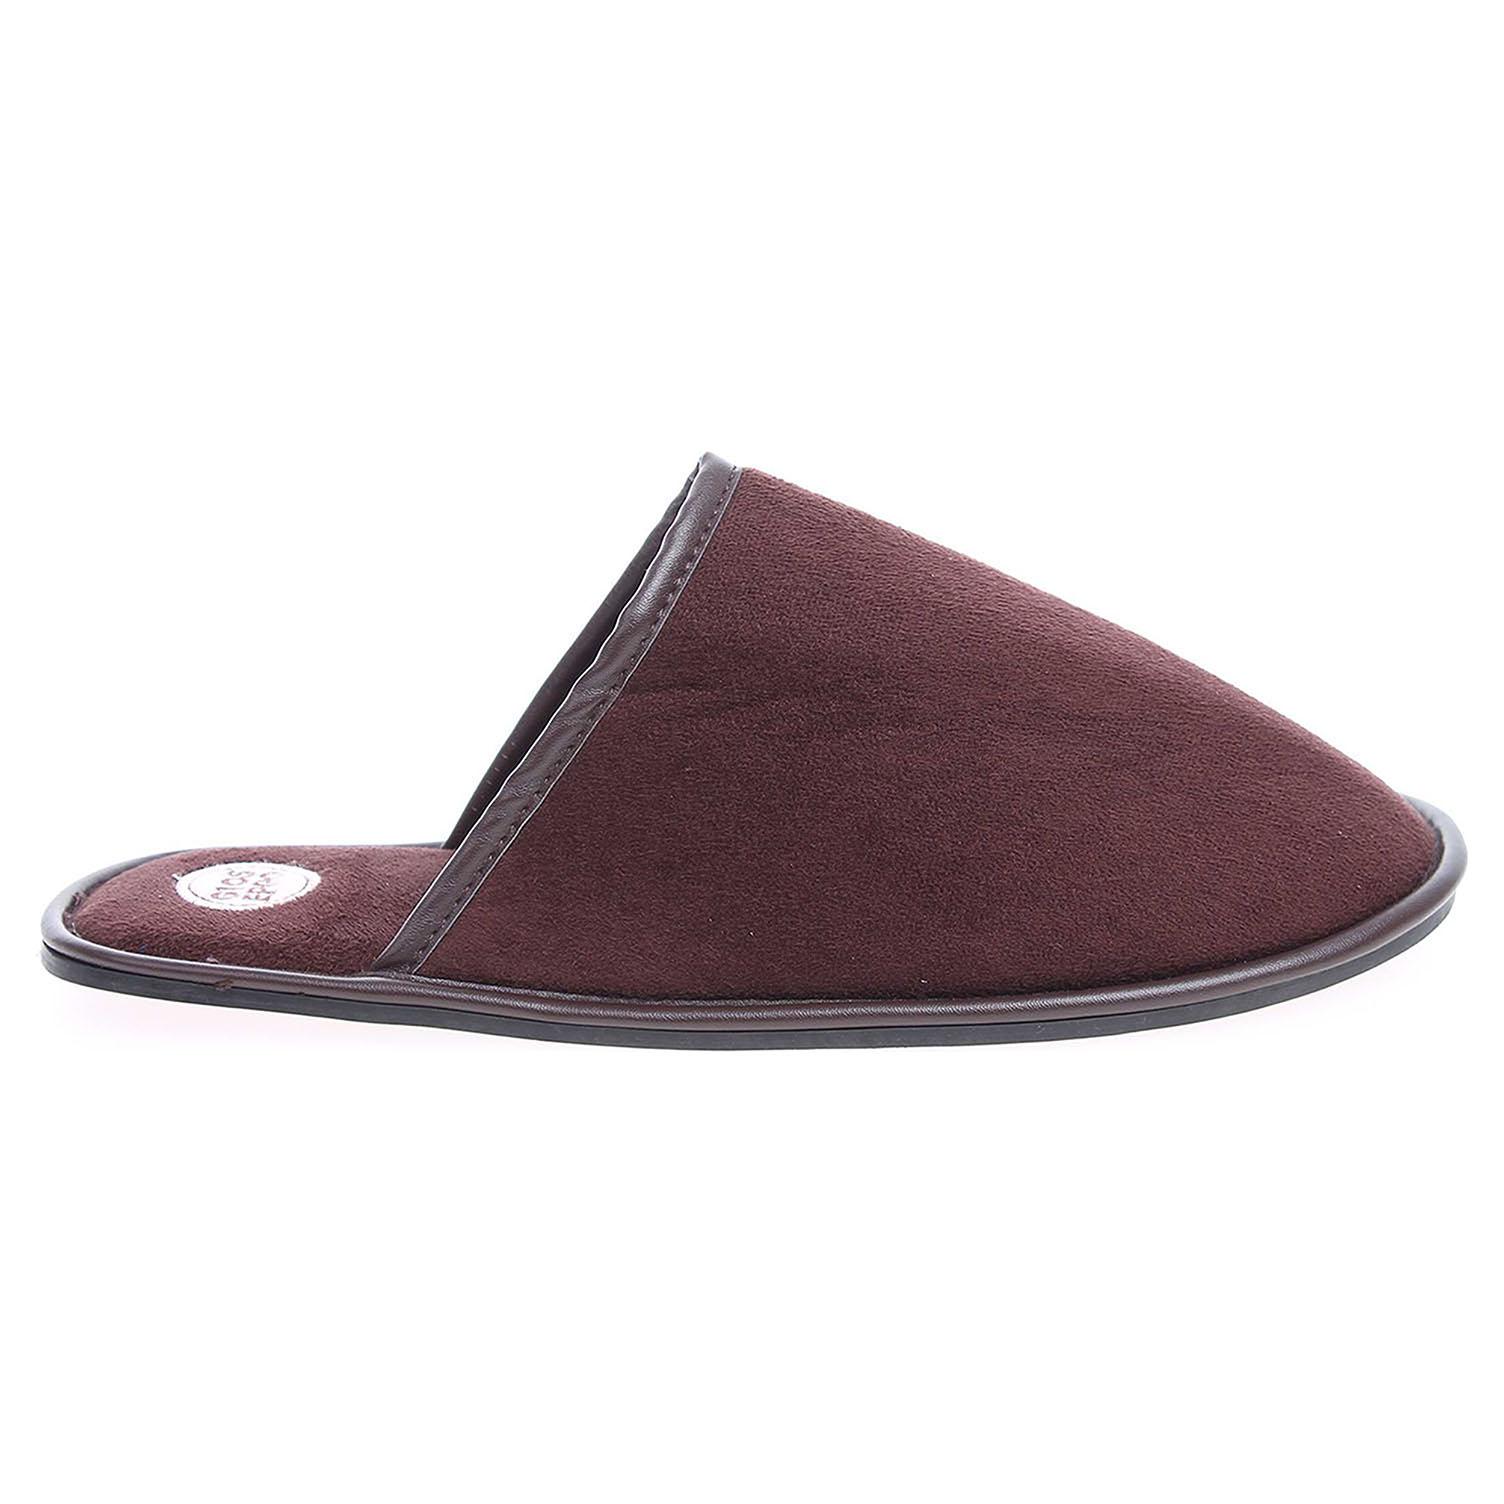 Gioseppo Honor pánské domácí pantofle 40